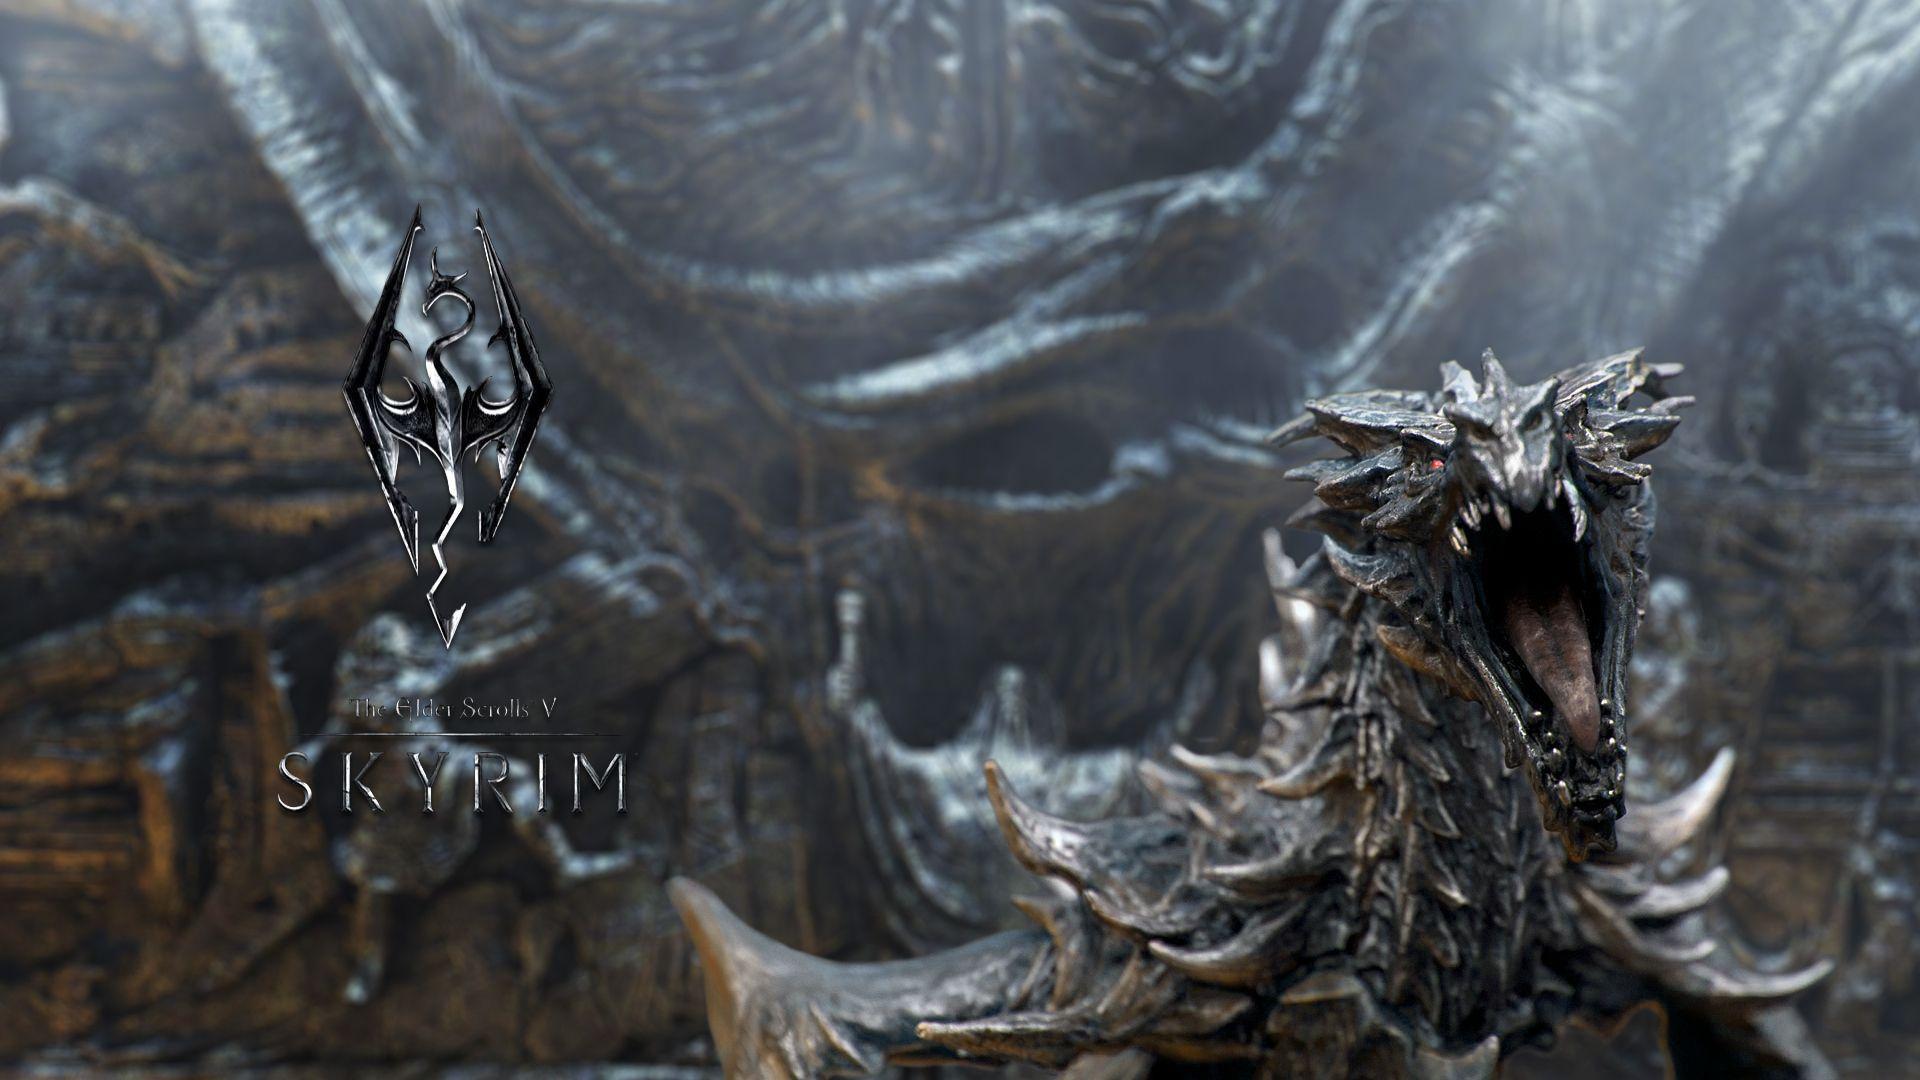 Skyrim Dragonborn 6167 Wallpaper